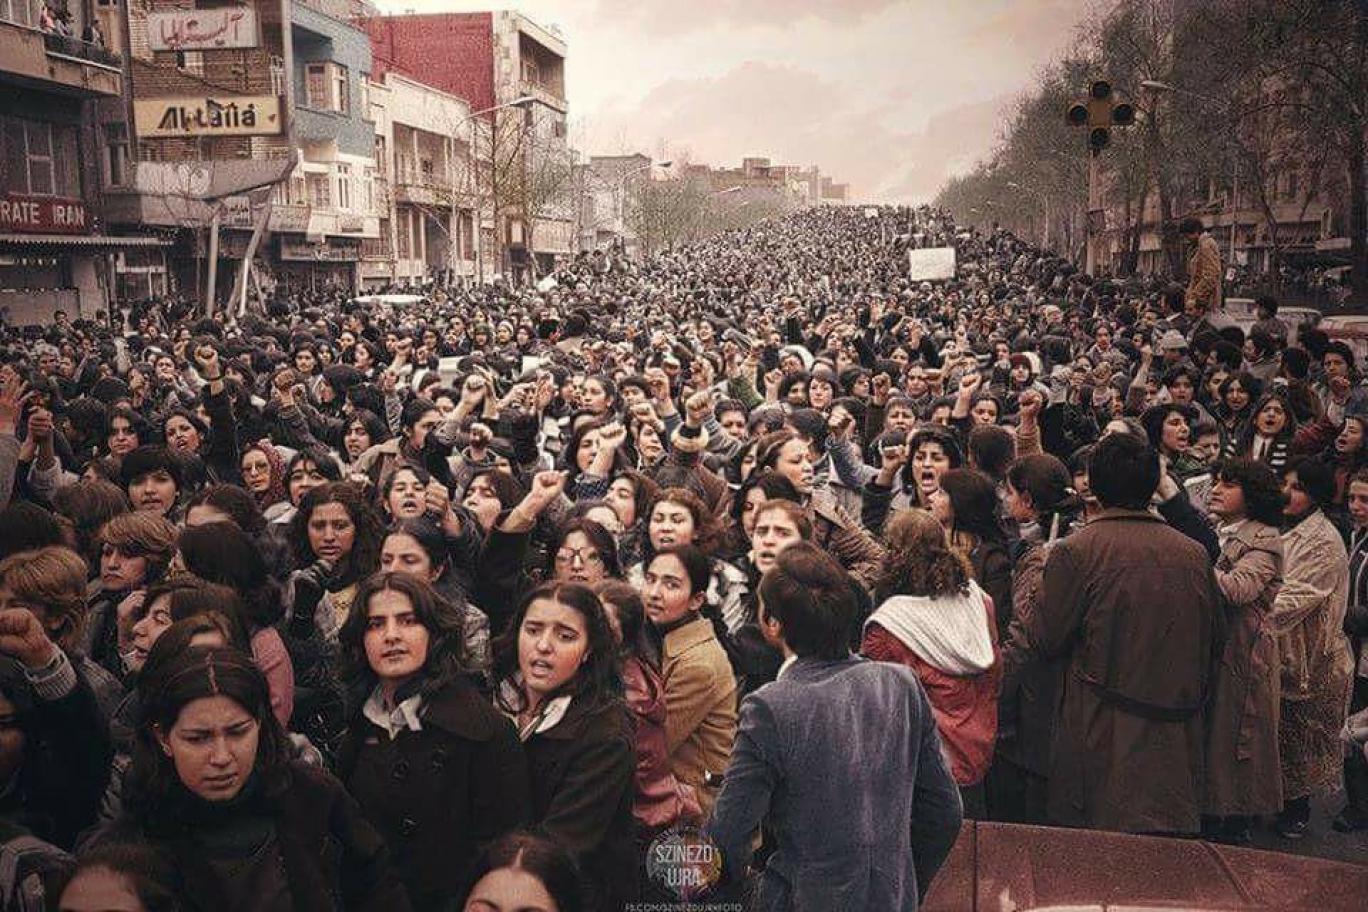 نبرد چهل ساله برای رهایی از ظلم حجاب اجباری, نقش آیتالله خمینی و مرتضی مطهری در تدوین قوانین ضدزن برجسته است